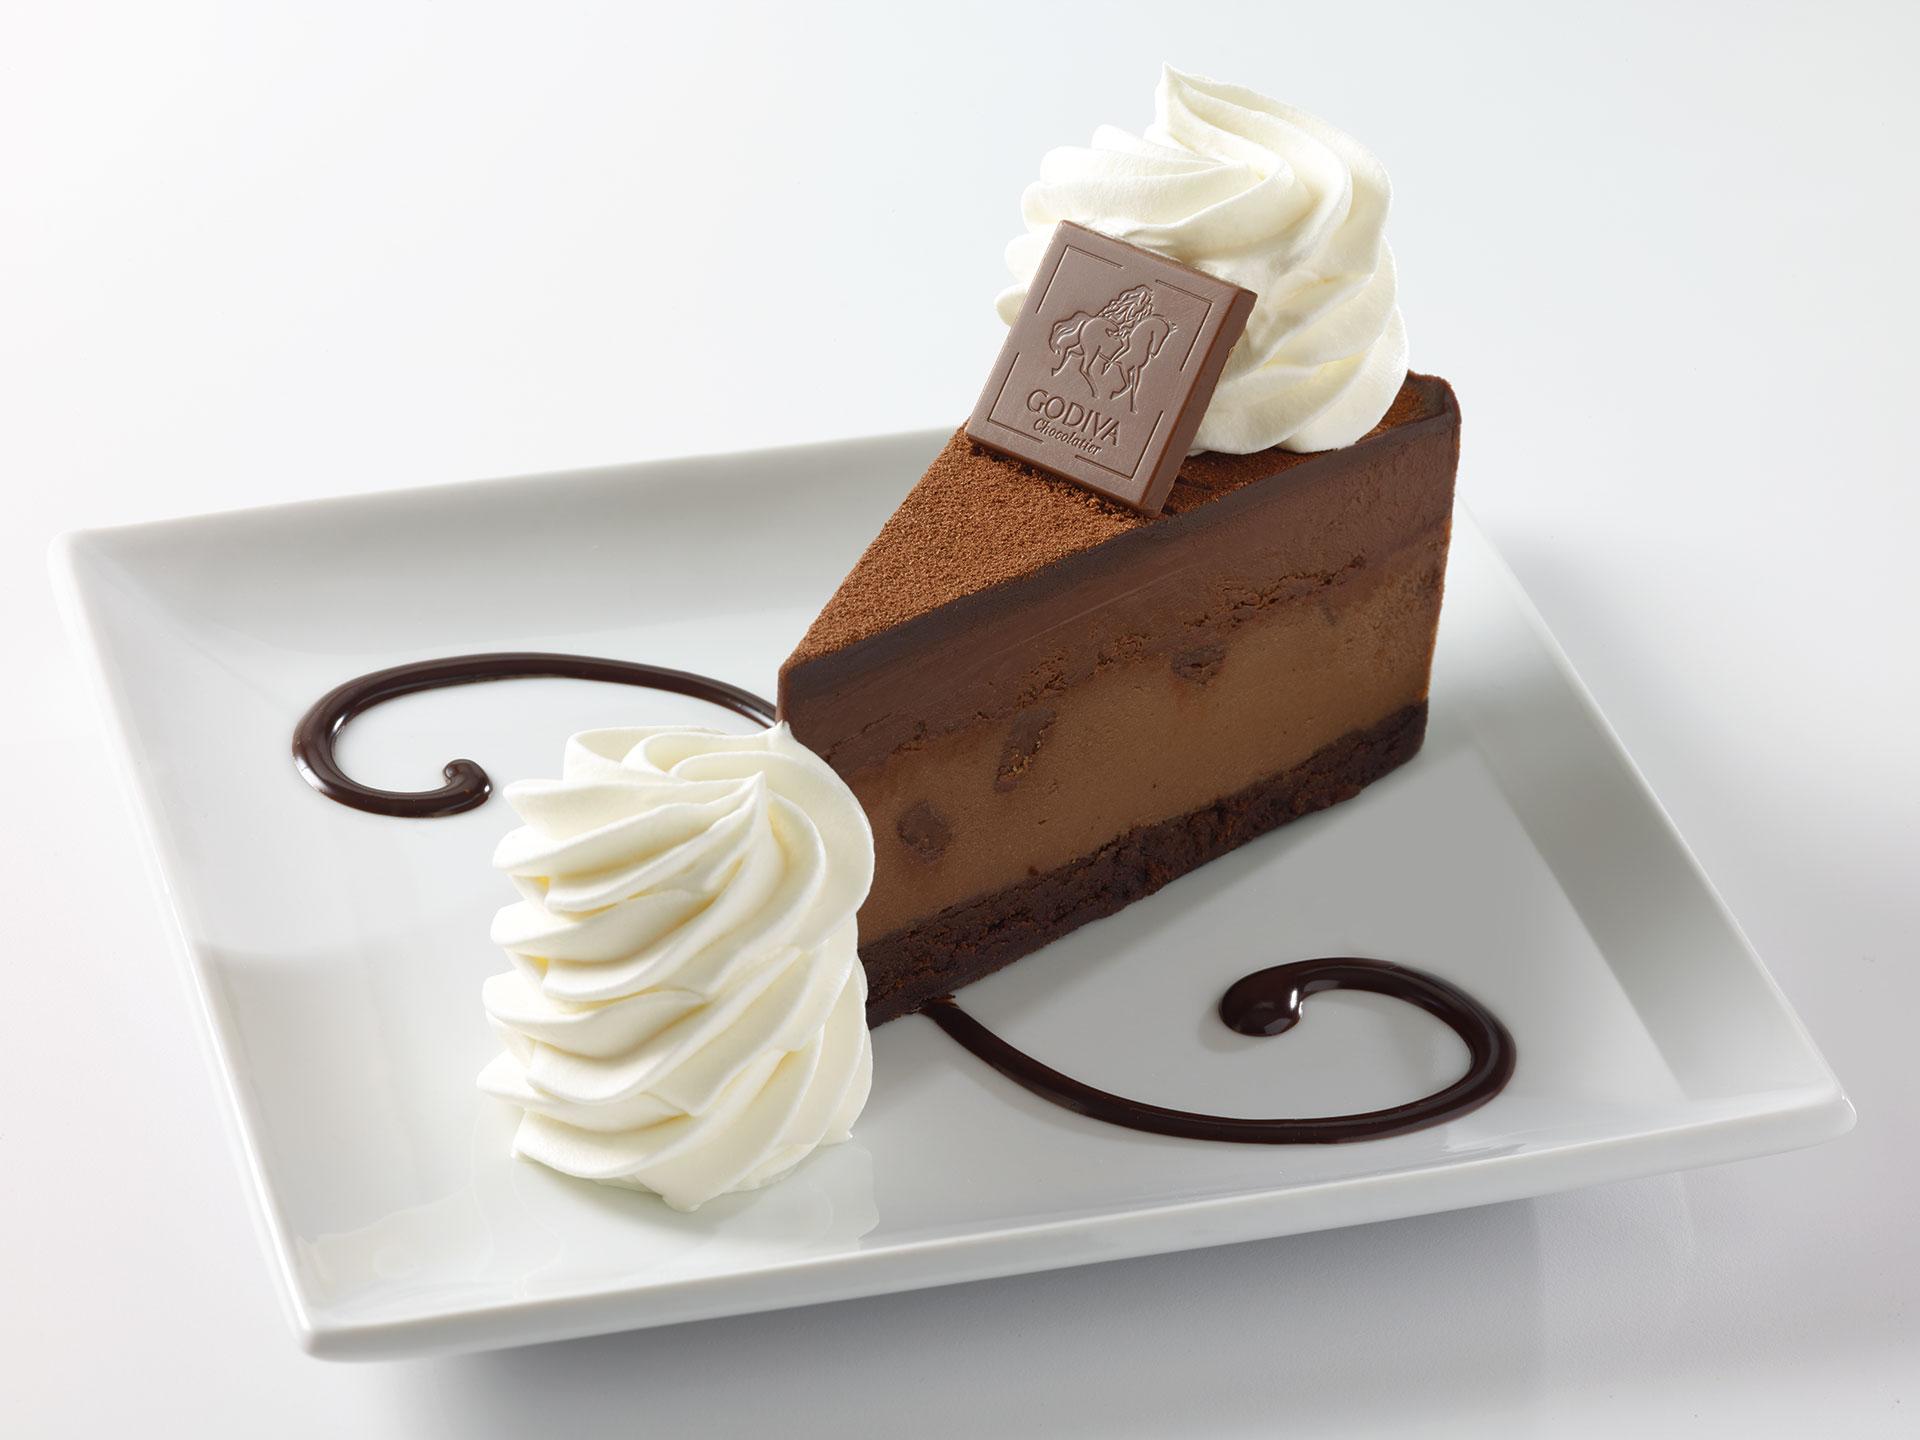 Cheesecake Factory © GODIVA® Chocolate Cheesecake